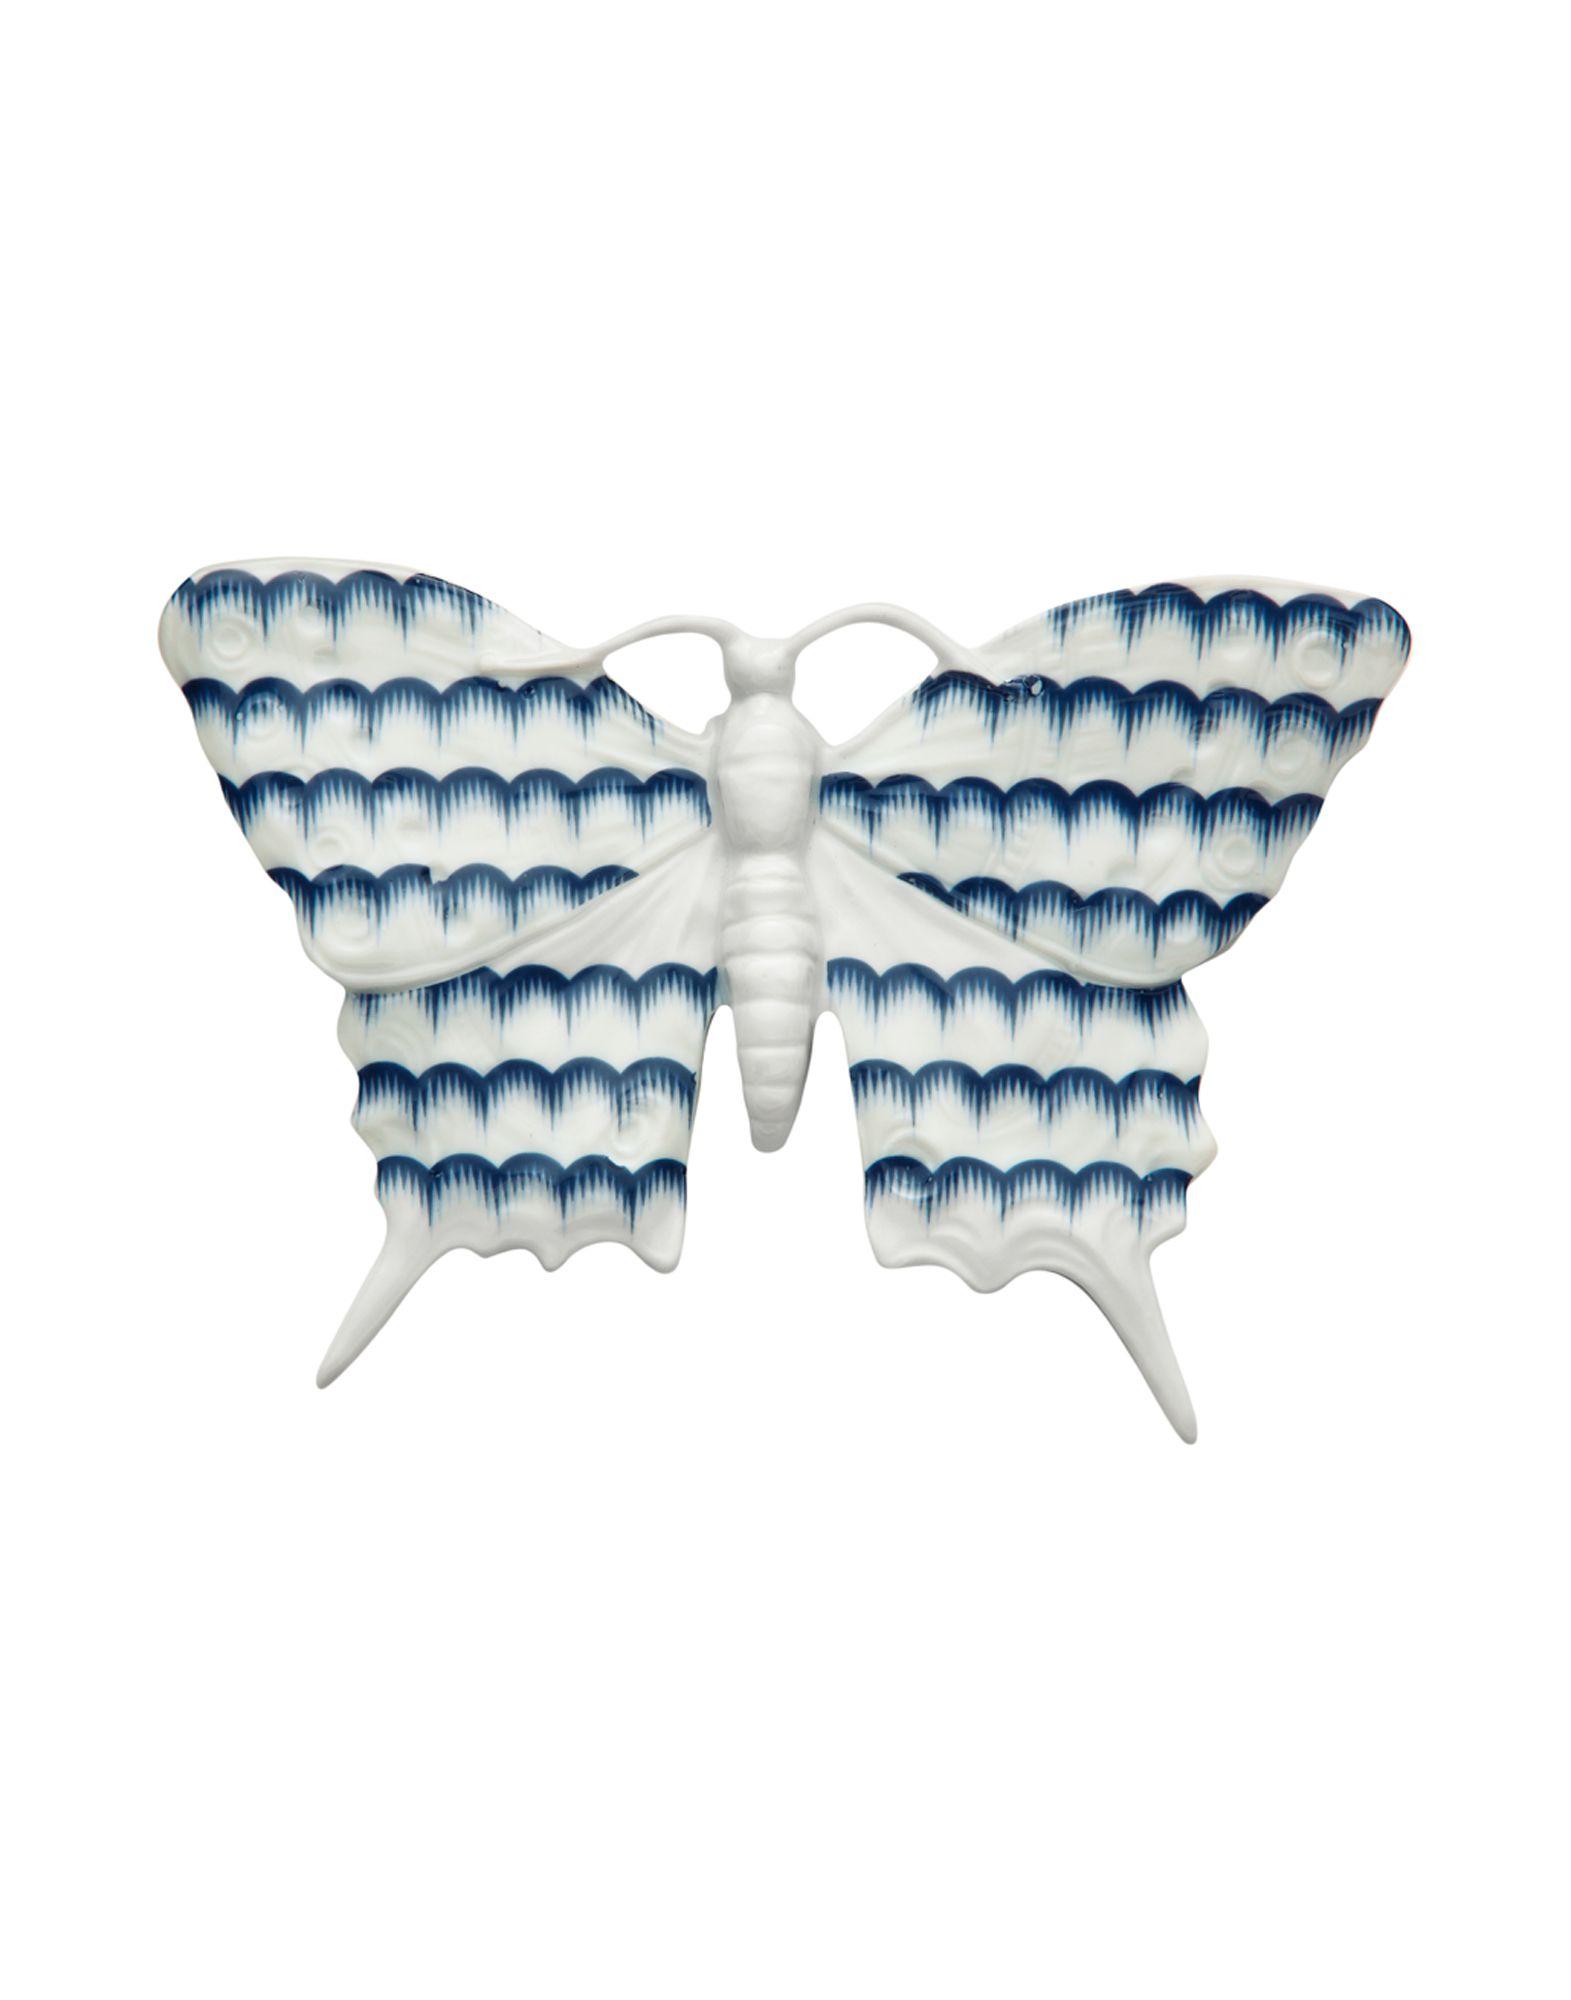 RICHARD GINORI Unisex Objekte Farbe Weiß Größe 1 - broschei